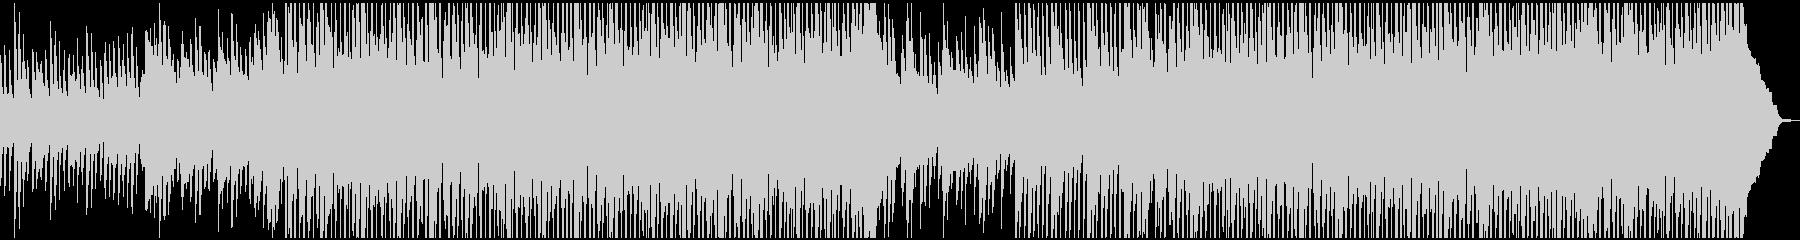 カントリーでハッピーな曲の未再生の波形